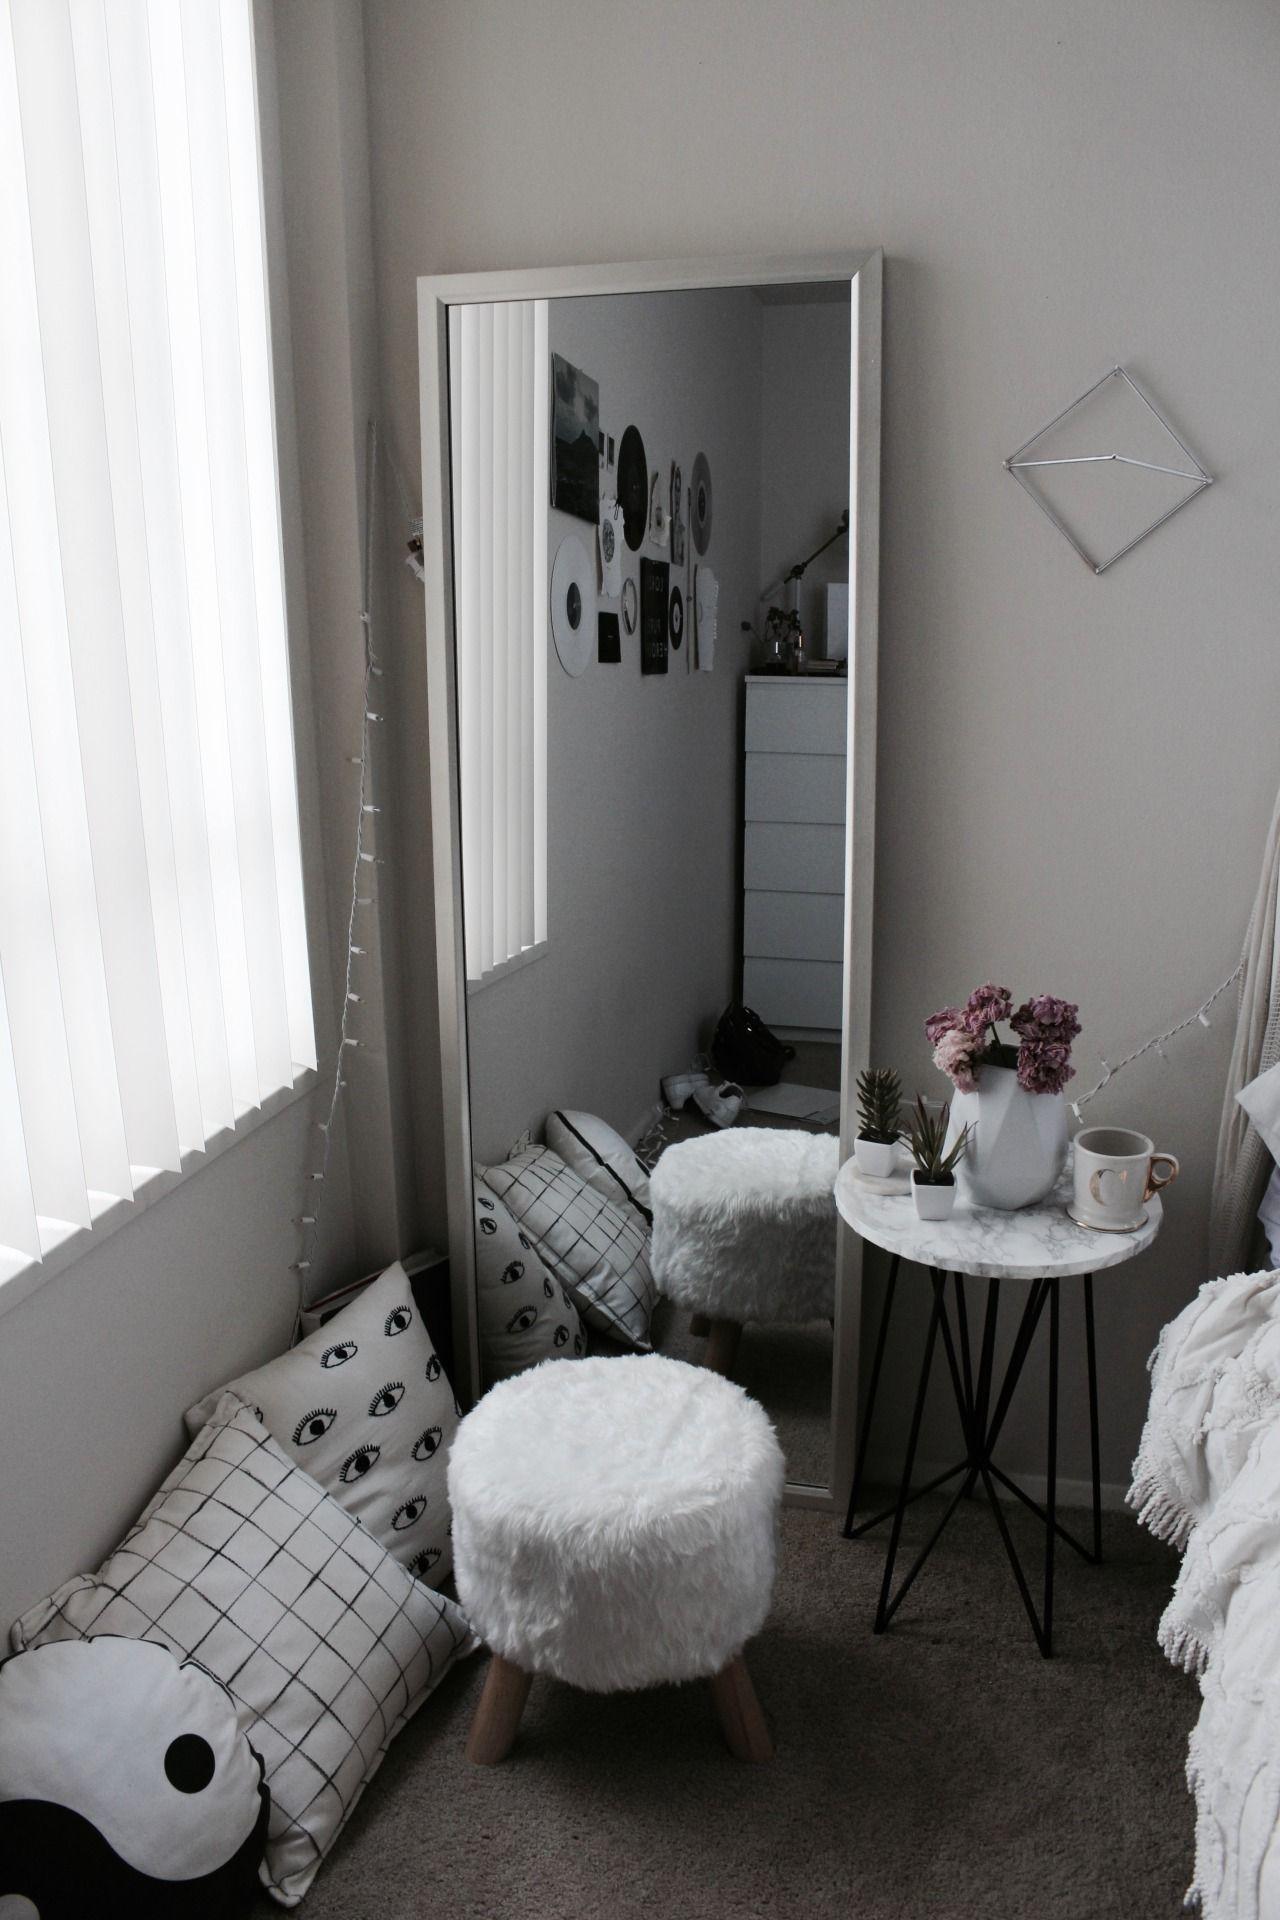 Photo of Camere da letto fai-da-te – camillelenore: benvenuti nella mia camera da letto